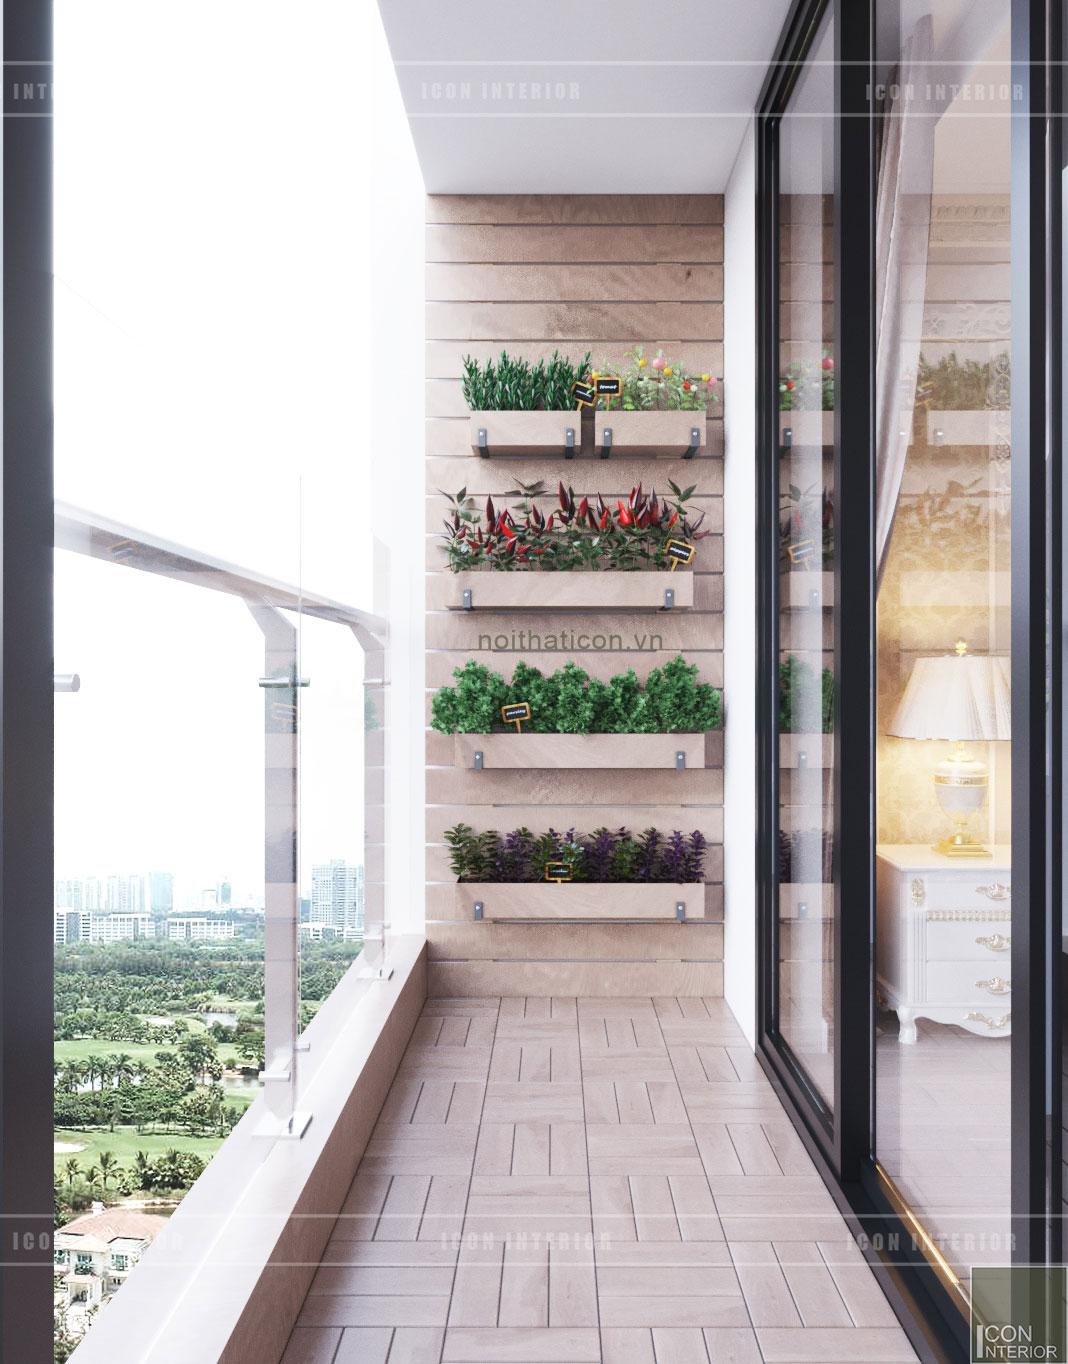 thiết kế nội thất tân cổ điển chung cư - ban công